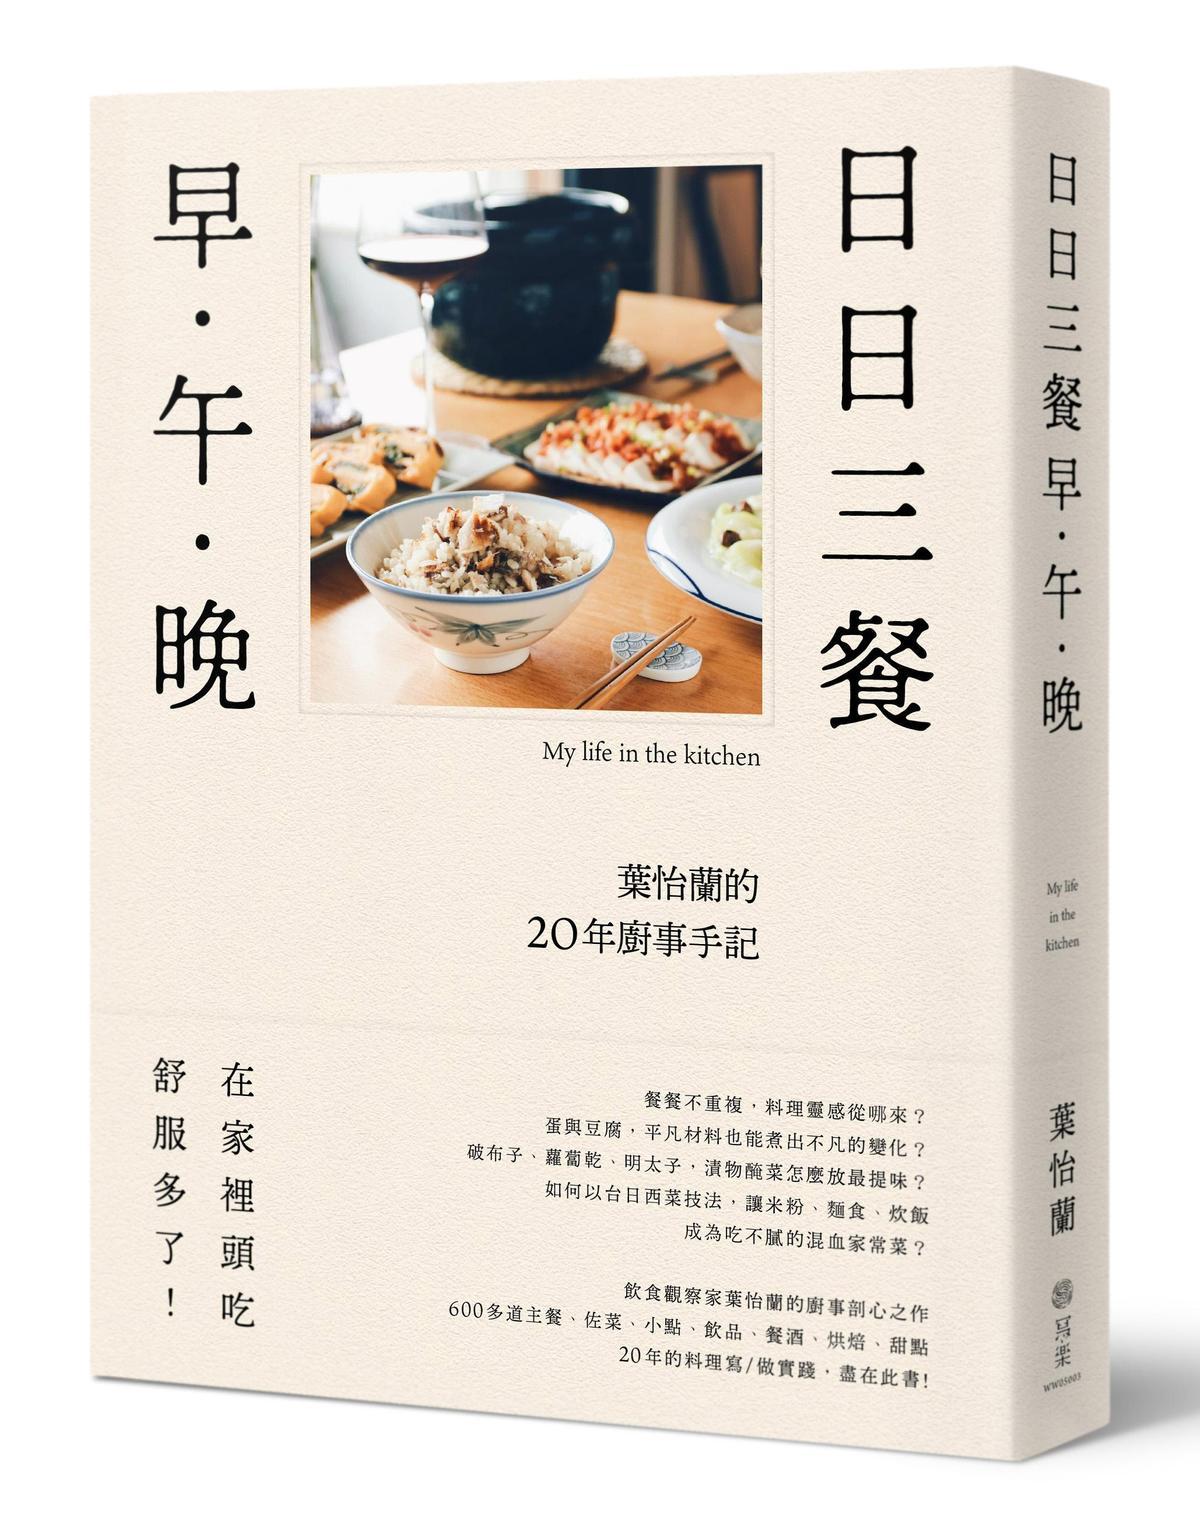 《日日三餐,早‧午‧晚:葉怡蘭的20年廚事手記》不僅是葉怡蘭日常料理的圖文輯,也是一本簡易操作的實用食譜。(寫樂文化提供)